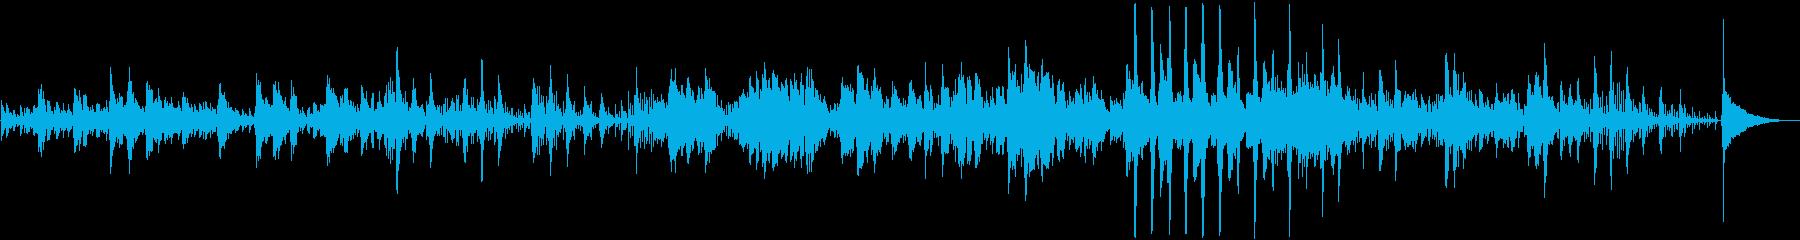 エリック・サティがキース・ジャレッ...の再生済みの波形